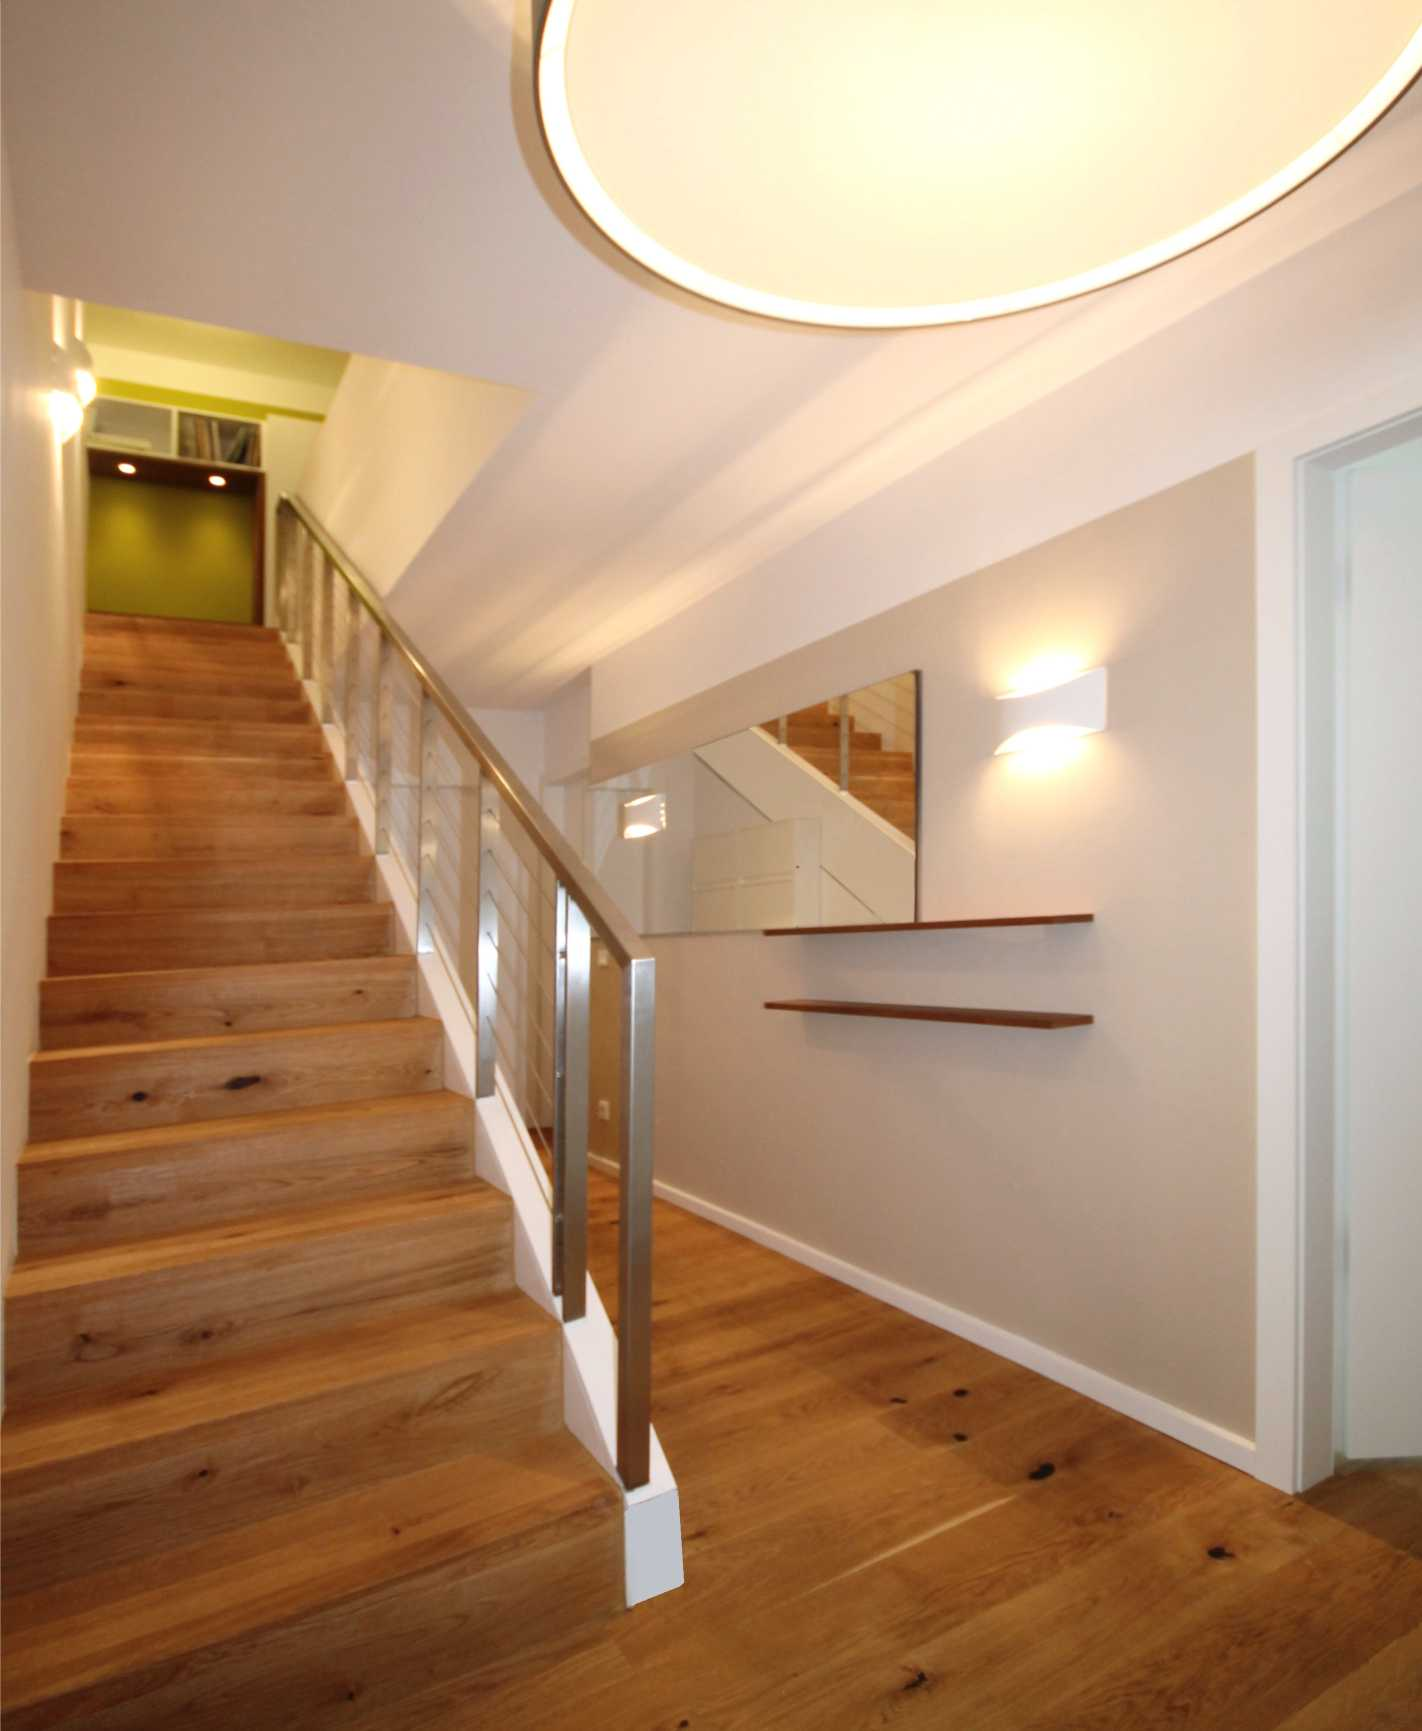 Grundriss einfamilienhaus modern gerade treppe  treppe im wohnzimmer grundriss – Dumss.com